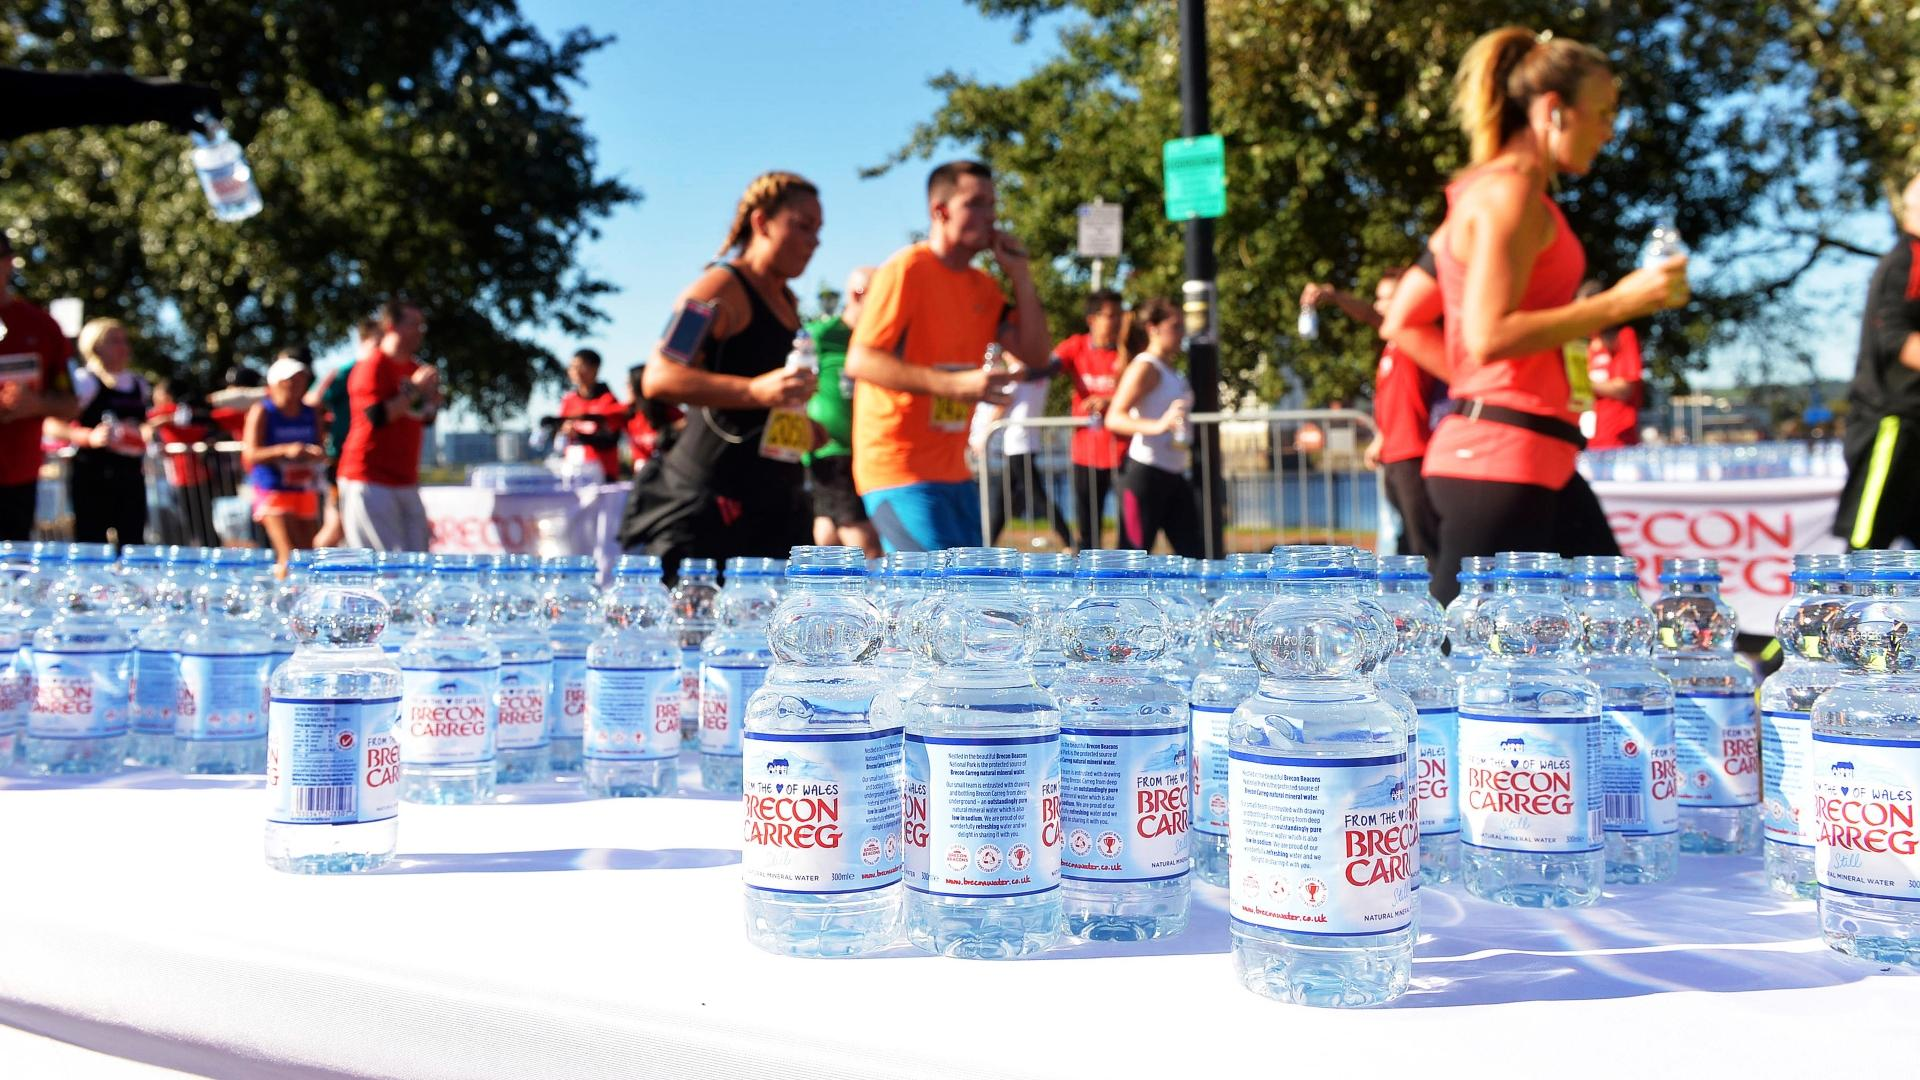 На Лондонском марафоне участникам раздавали напитки в упаковке из водорослей